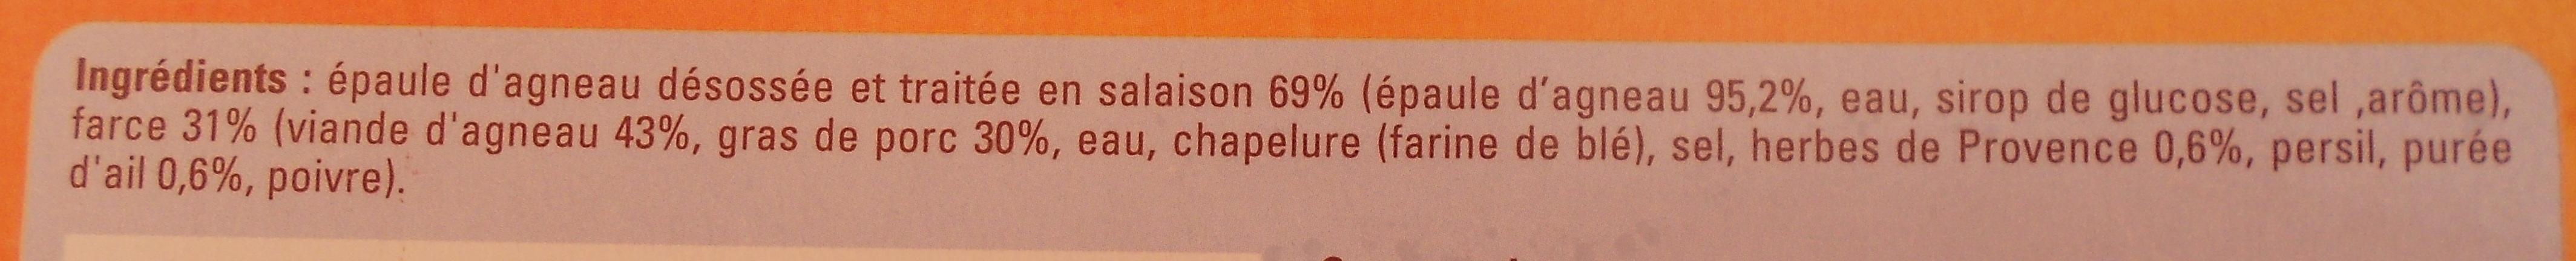 Rôti d'agneau farci, Surgelé - Ingrediënten